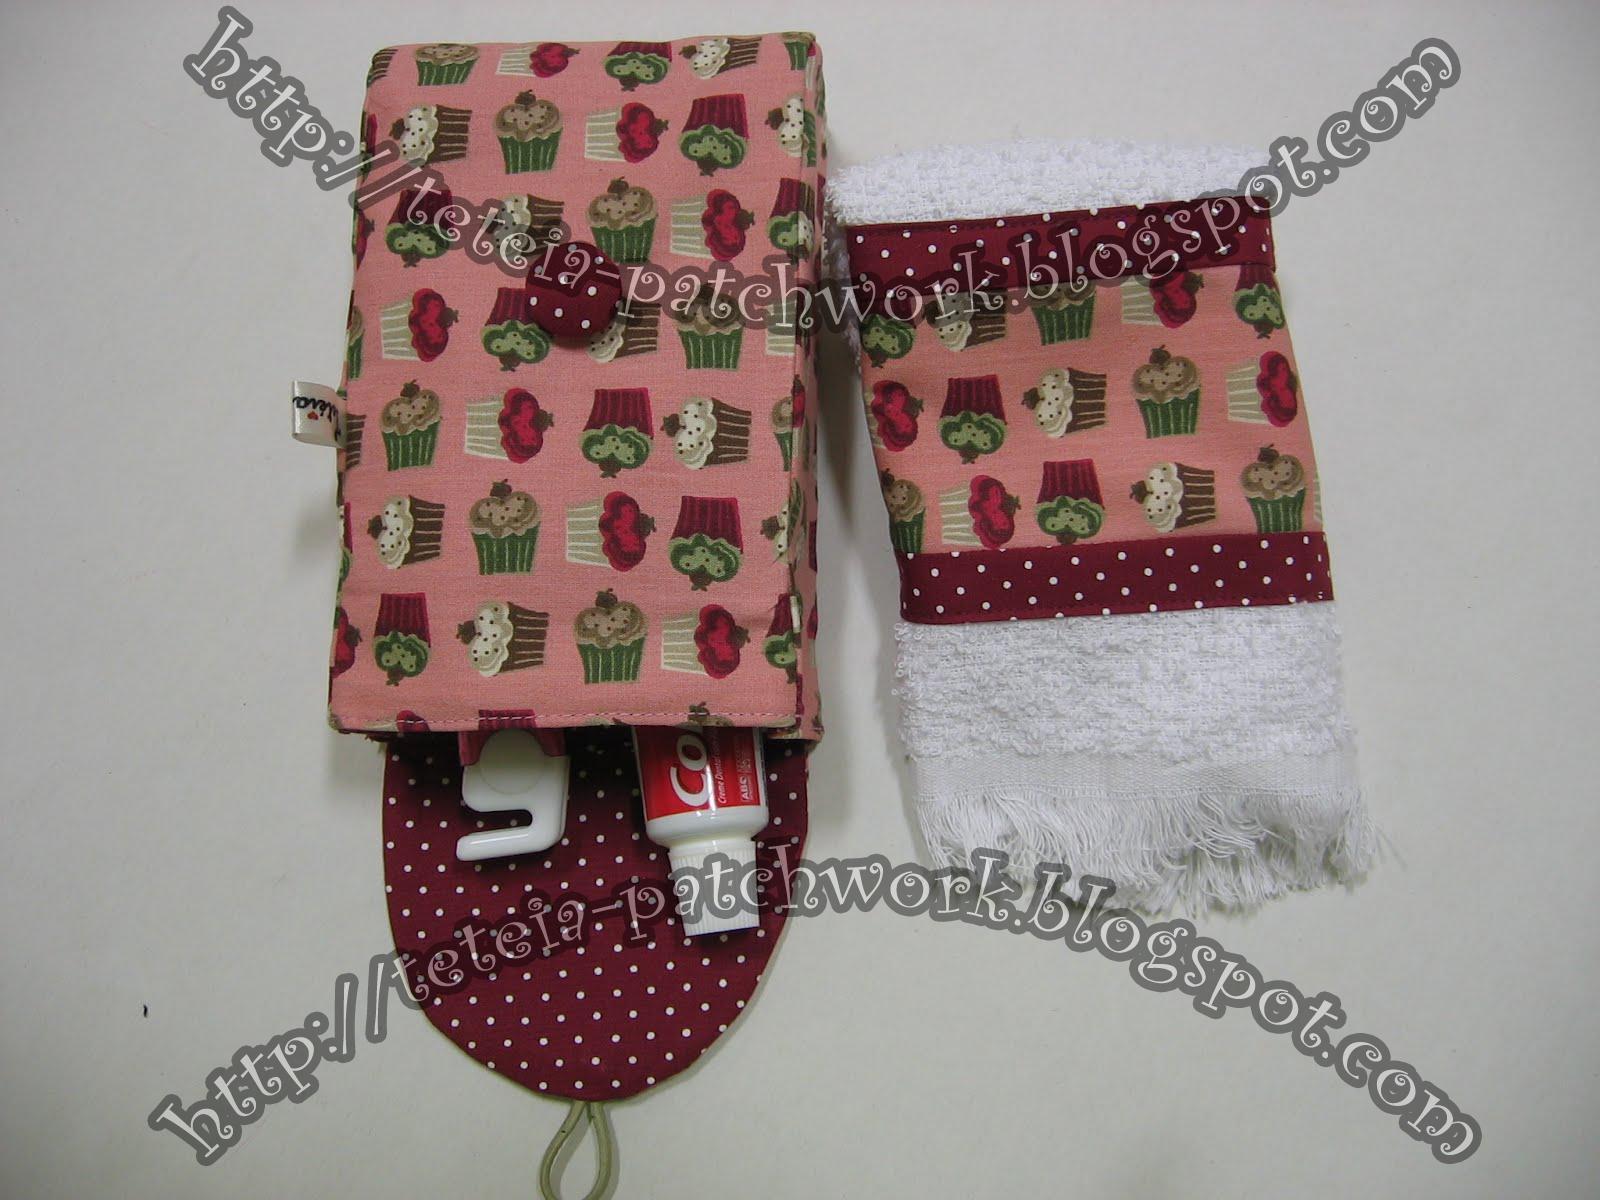 Tetéia Patchwork: Kit higiene bucal_cupcakes rosa/vinho - cod 56